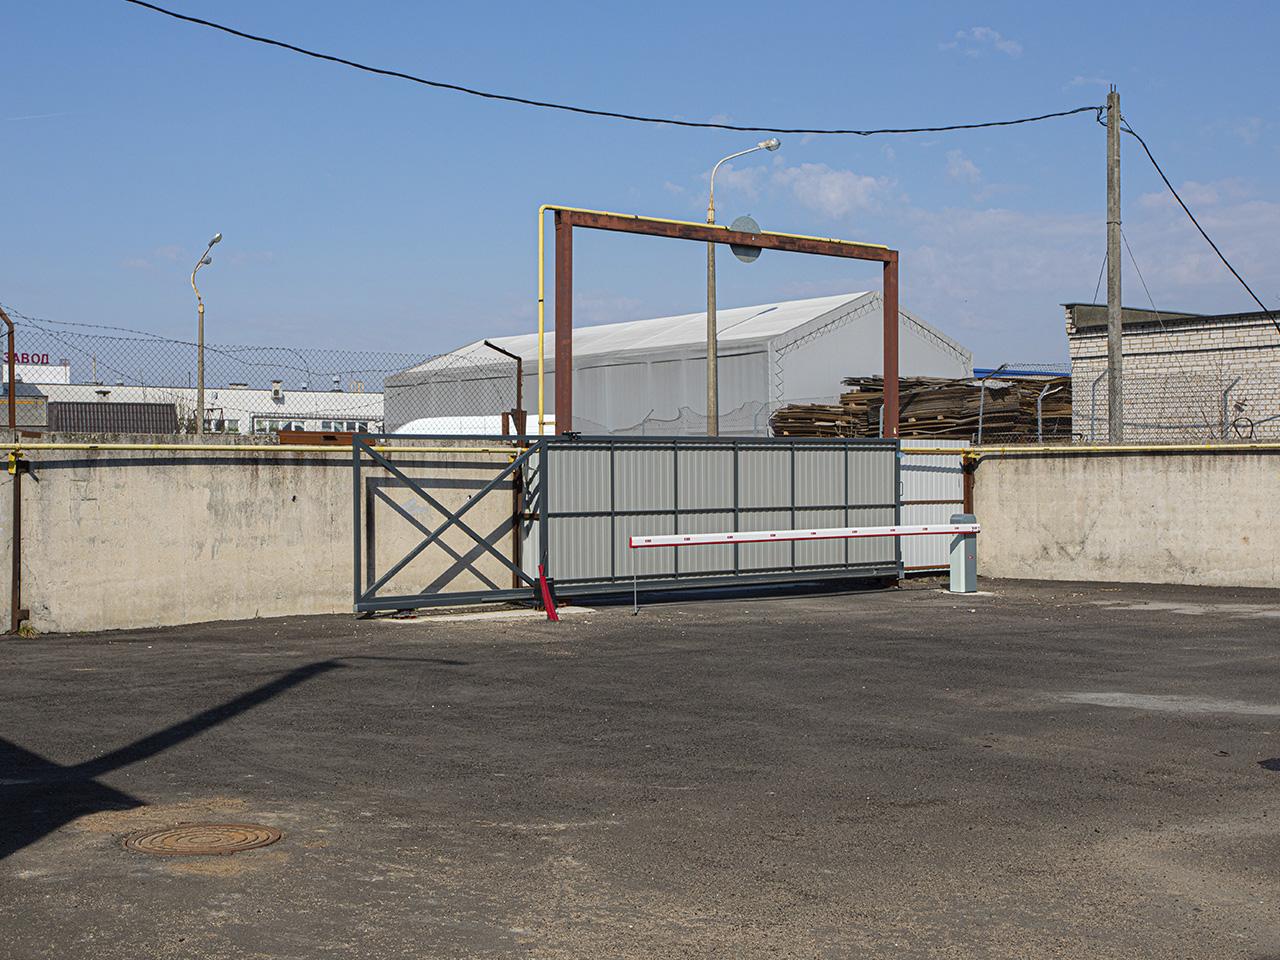 Складской комплекс, Минск, пер.Промышленный 12 3735